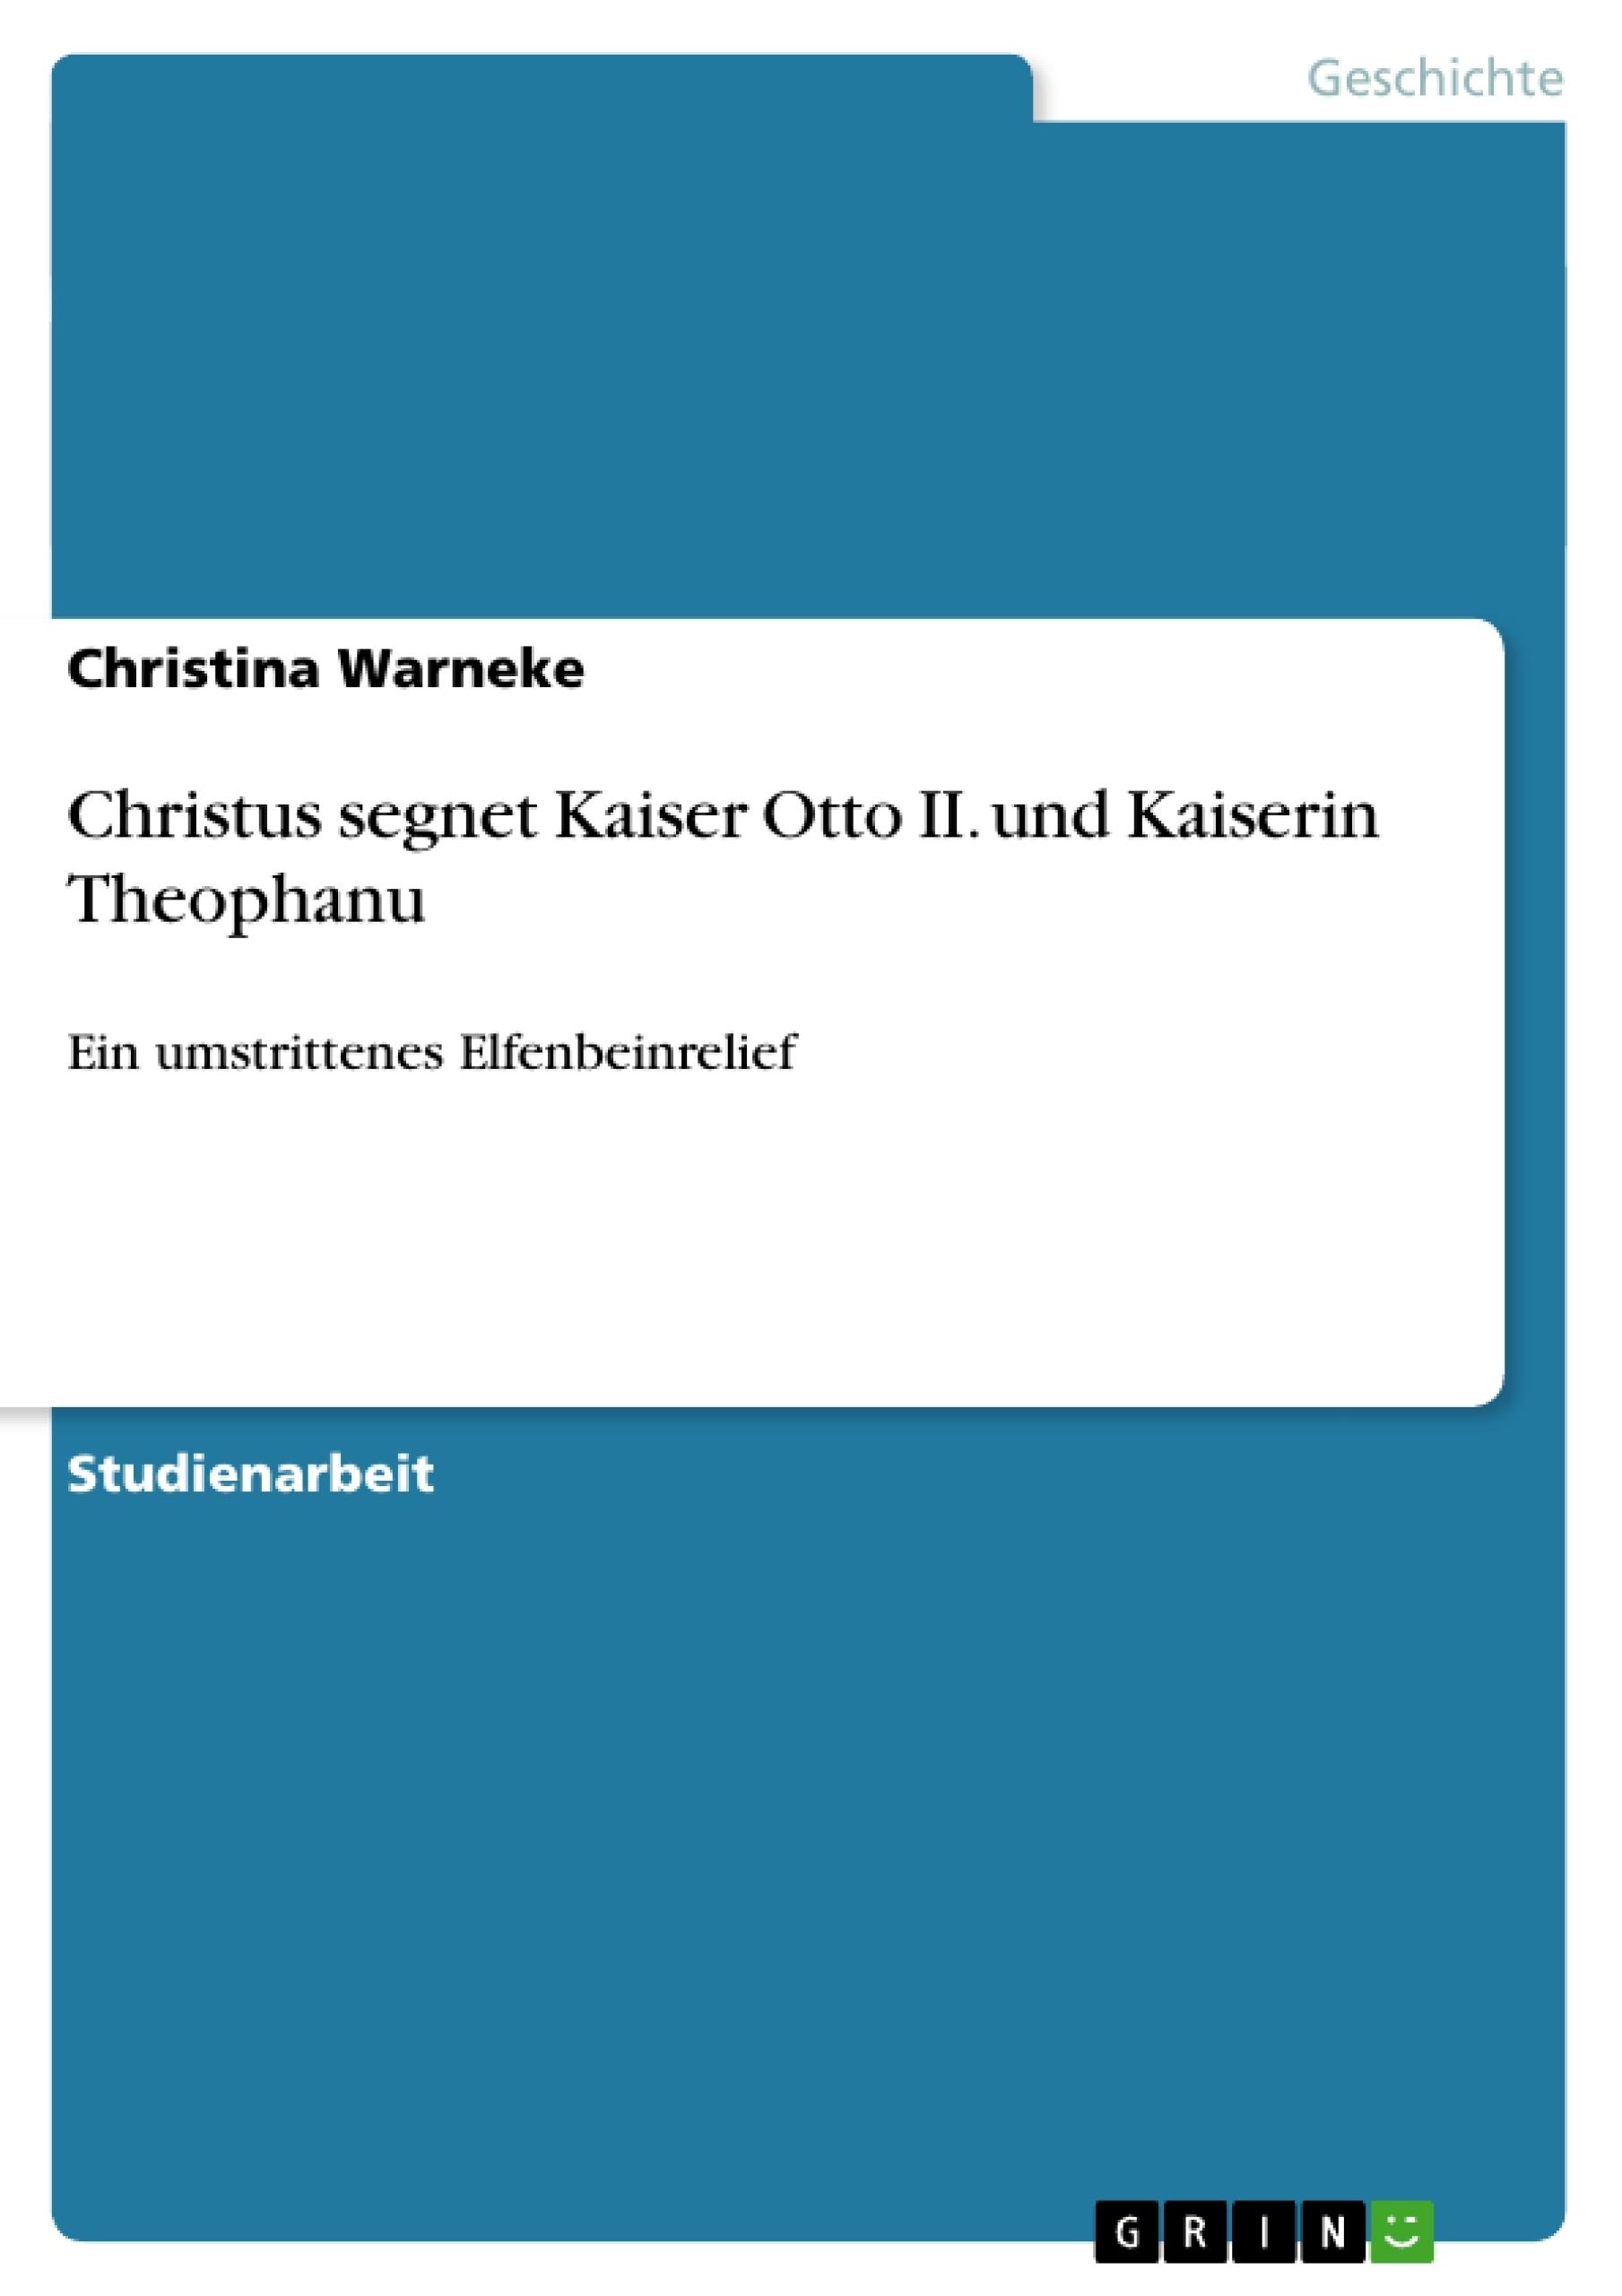 Titel: Christus segnet Kaiser Otto II. und Kaiserin Theophanu